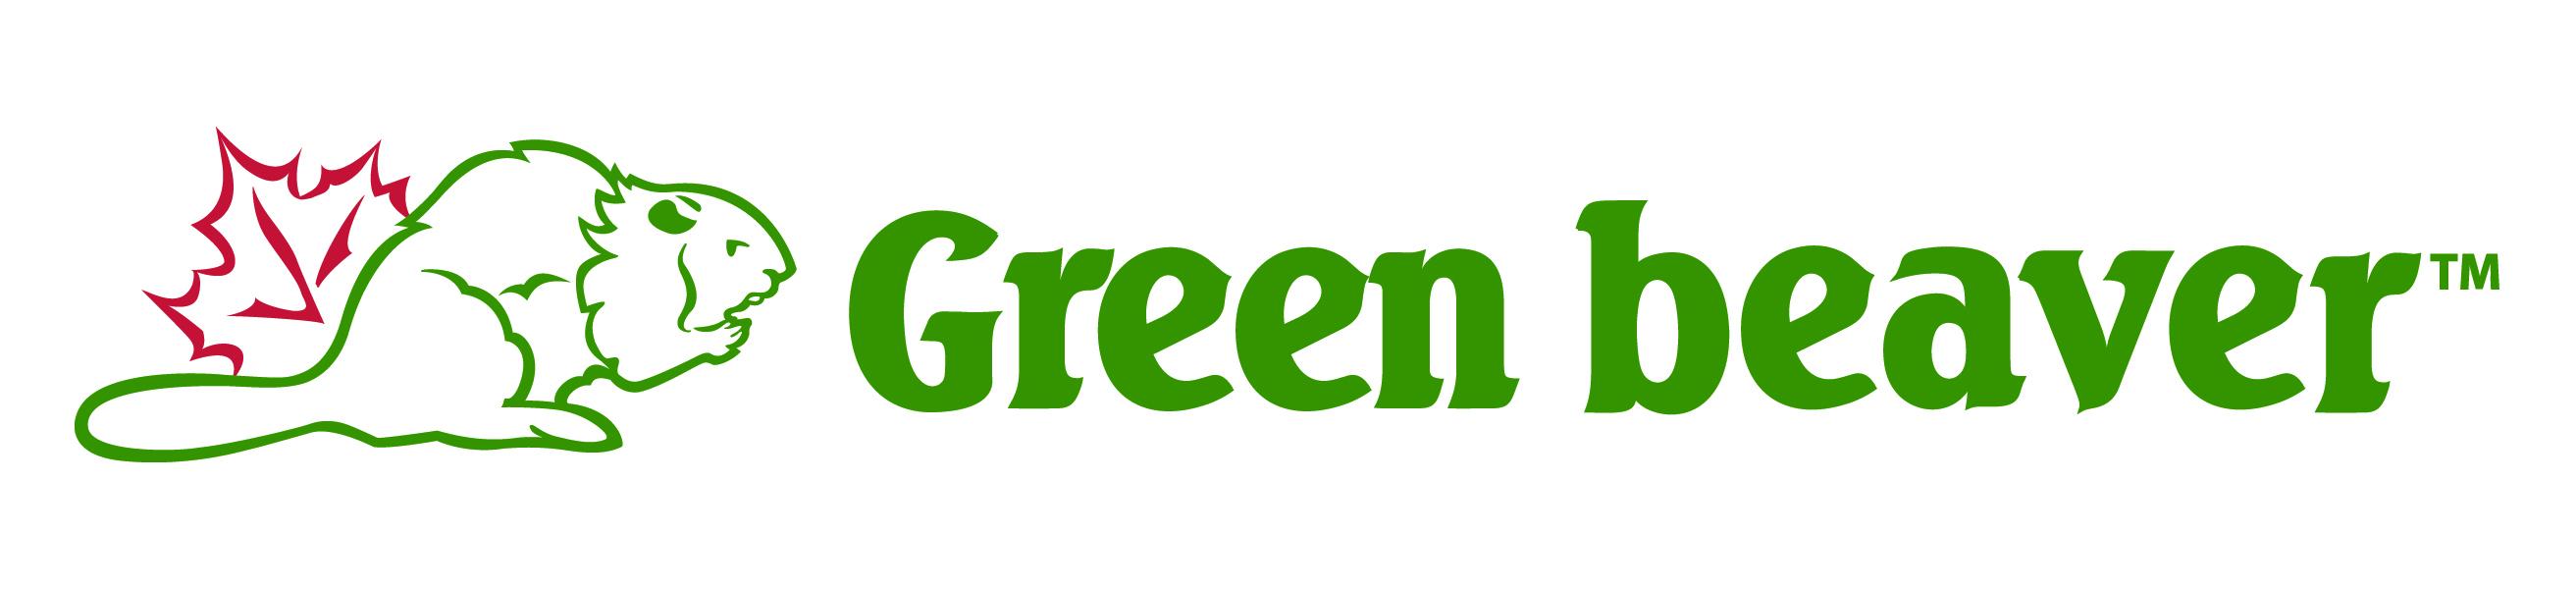 green-beaverlogo.jpg